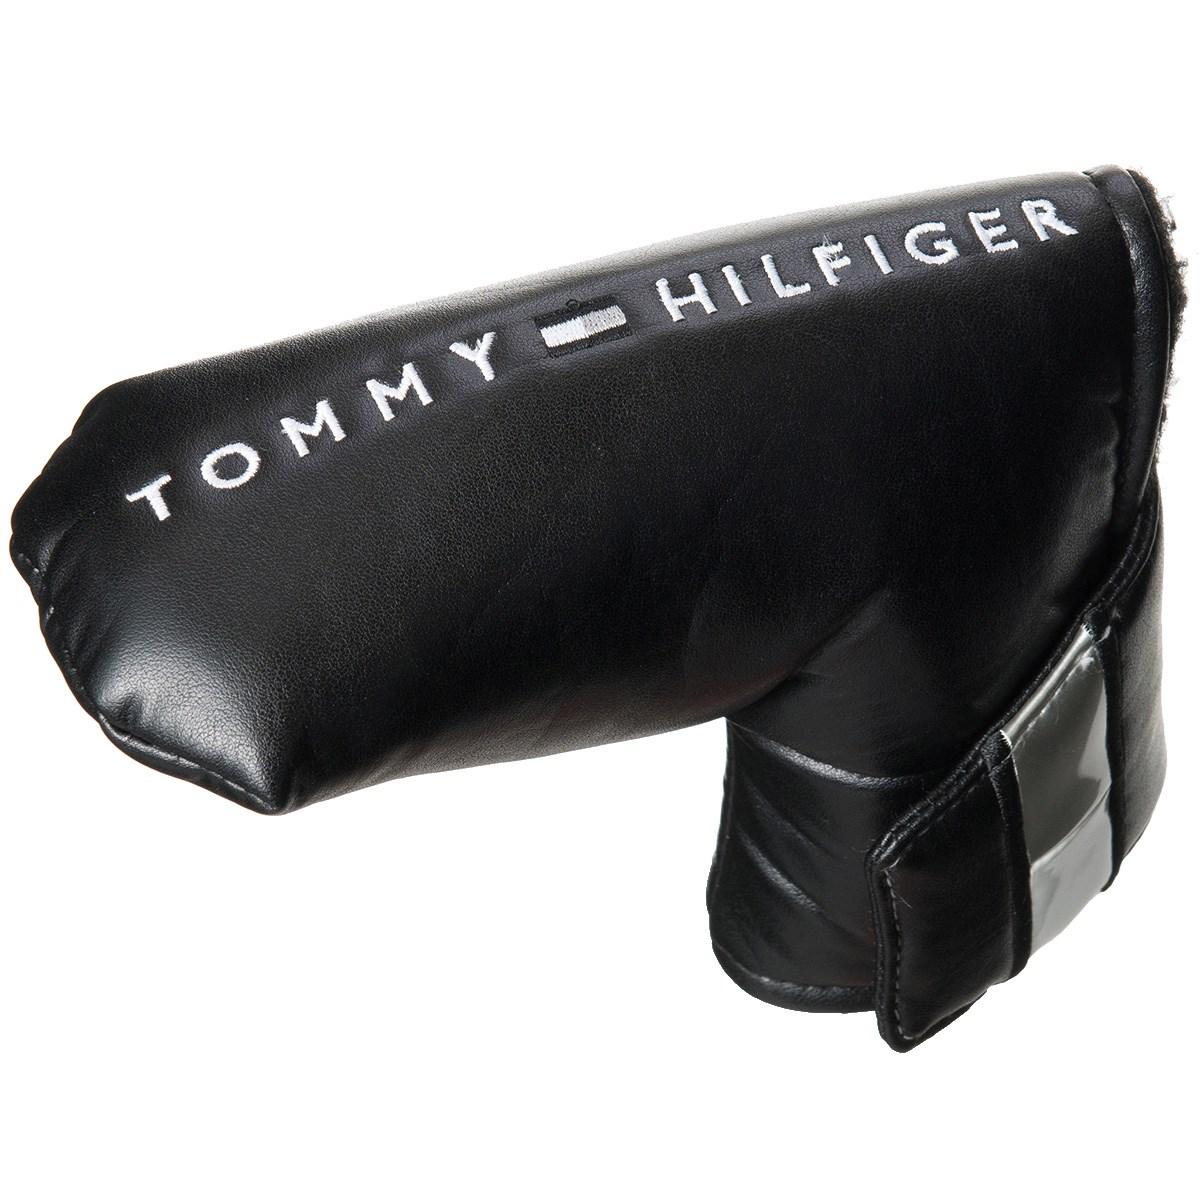 トミー ヒルフィガー ゴルフ TOMMY HILFIGER GOLF BASIC パターカバー ブラック 10